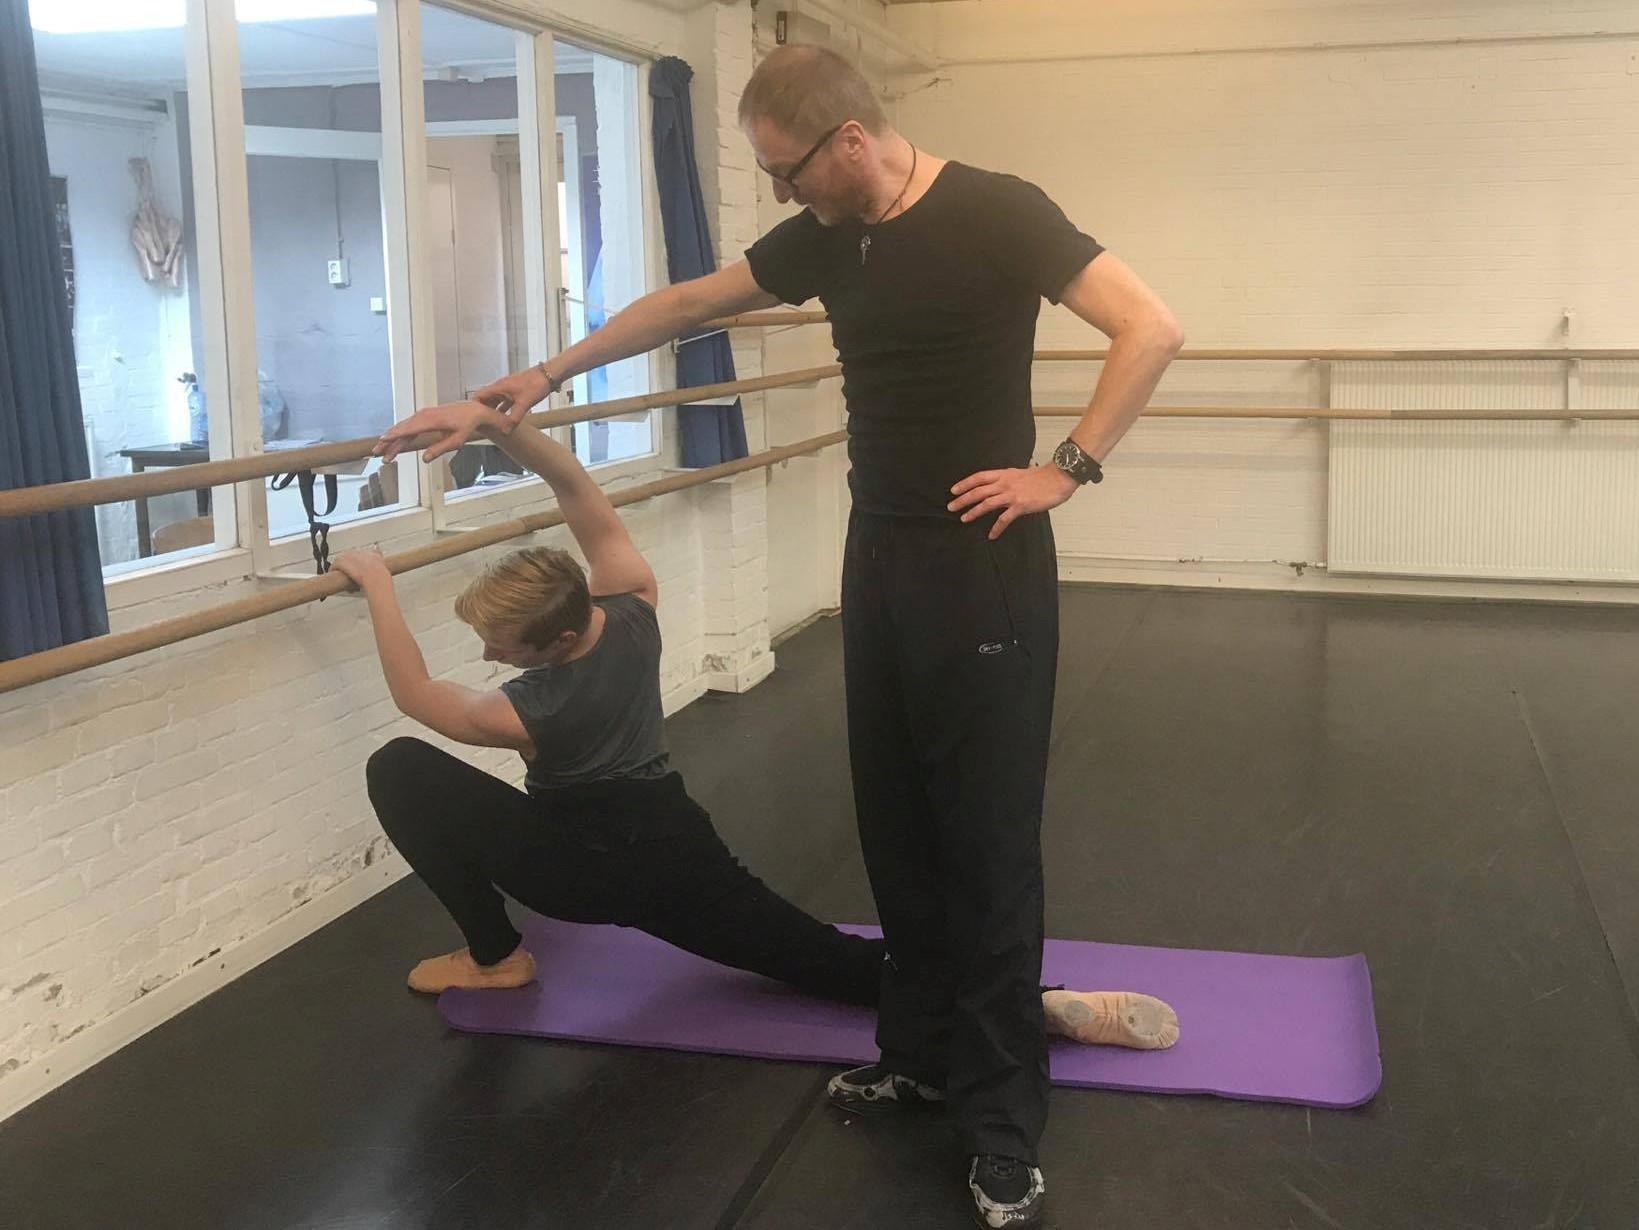 Auch Tänzer müssen Ihren Psoas Muskel dehnen / Even dancers need to stretch their psoas-muscle!